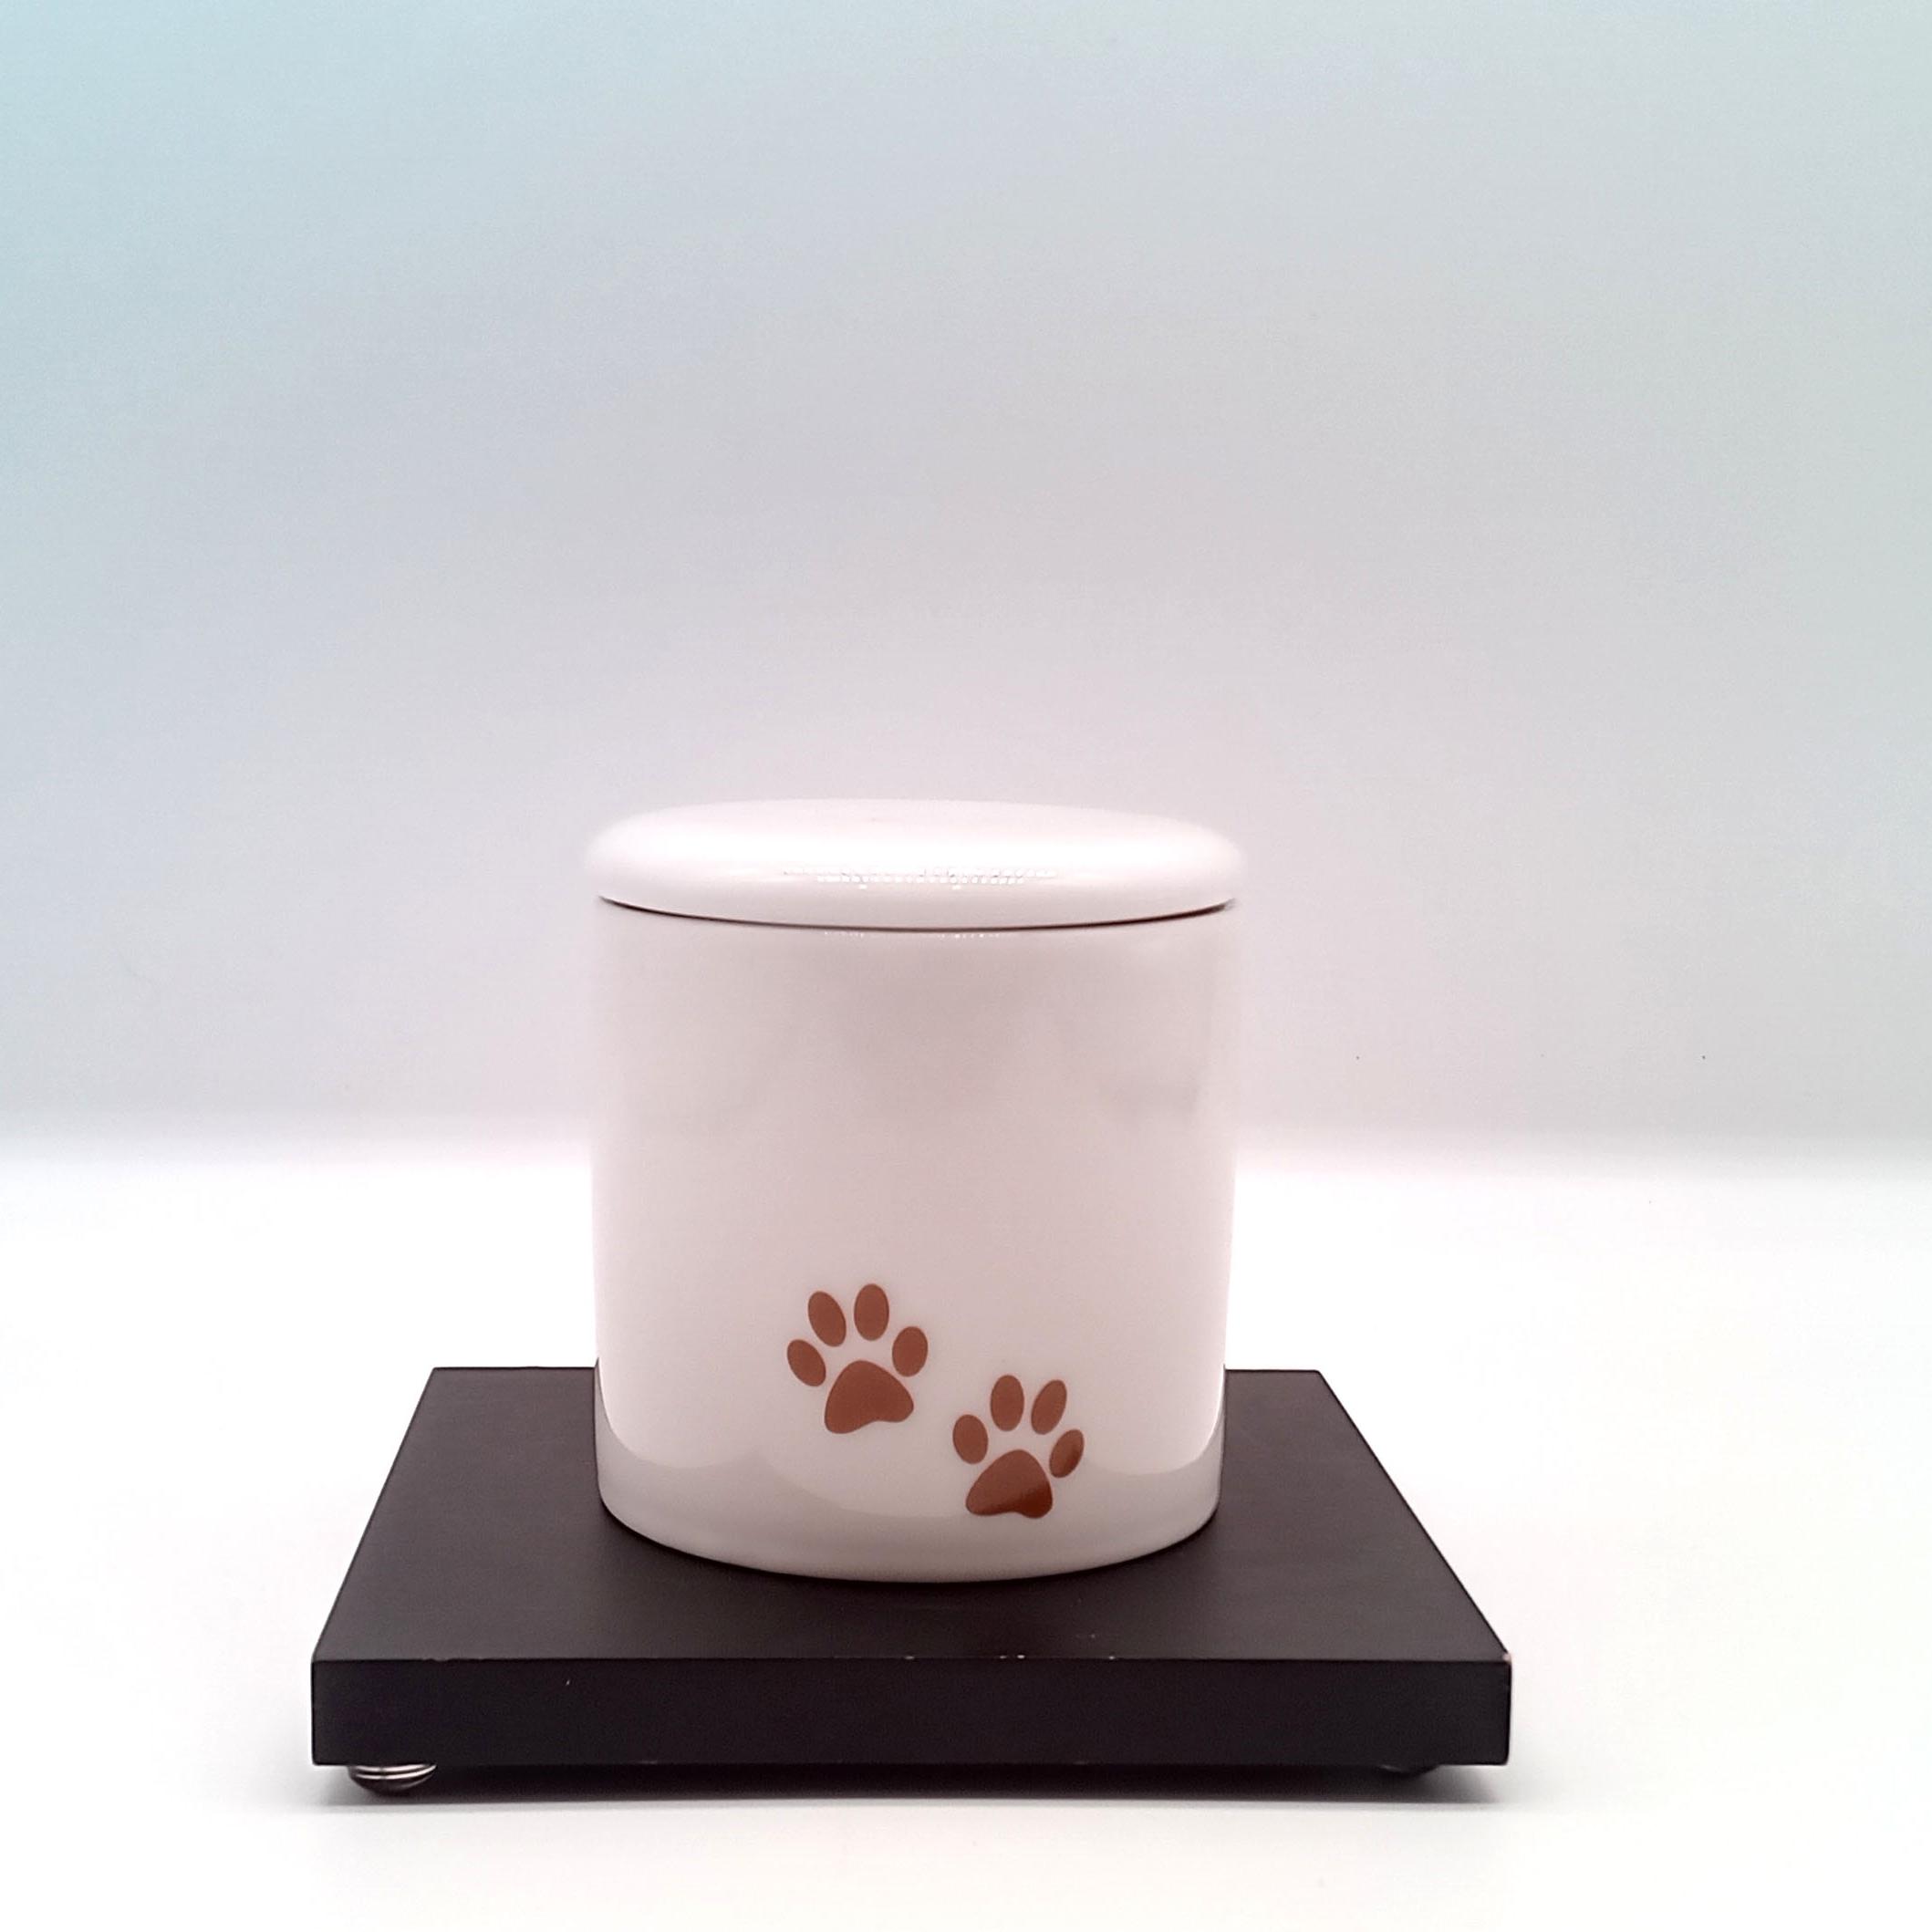 足あとミニ骨壺 【選べる3色】小動物サイズ・分骨サイズ  2寸